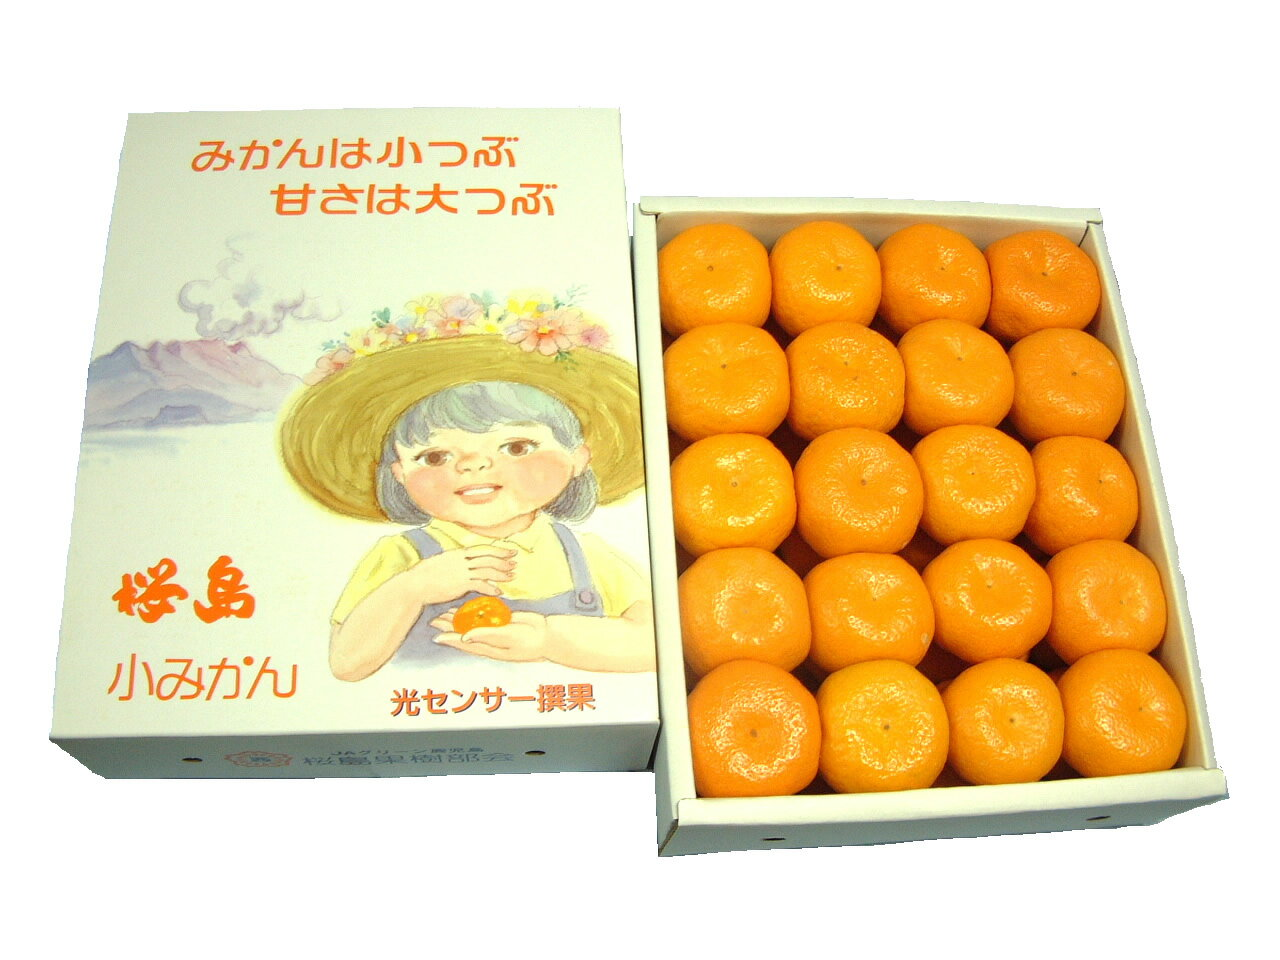 世界一ちいさな可愛いみかん★桜島小みかん 化粧箱 2kg